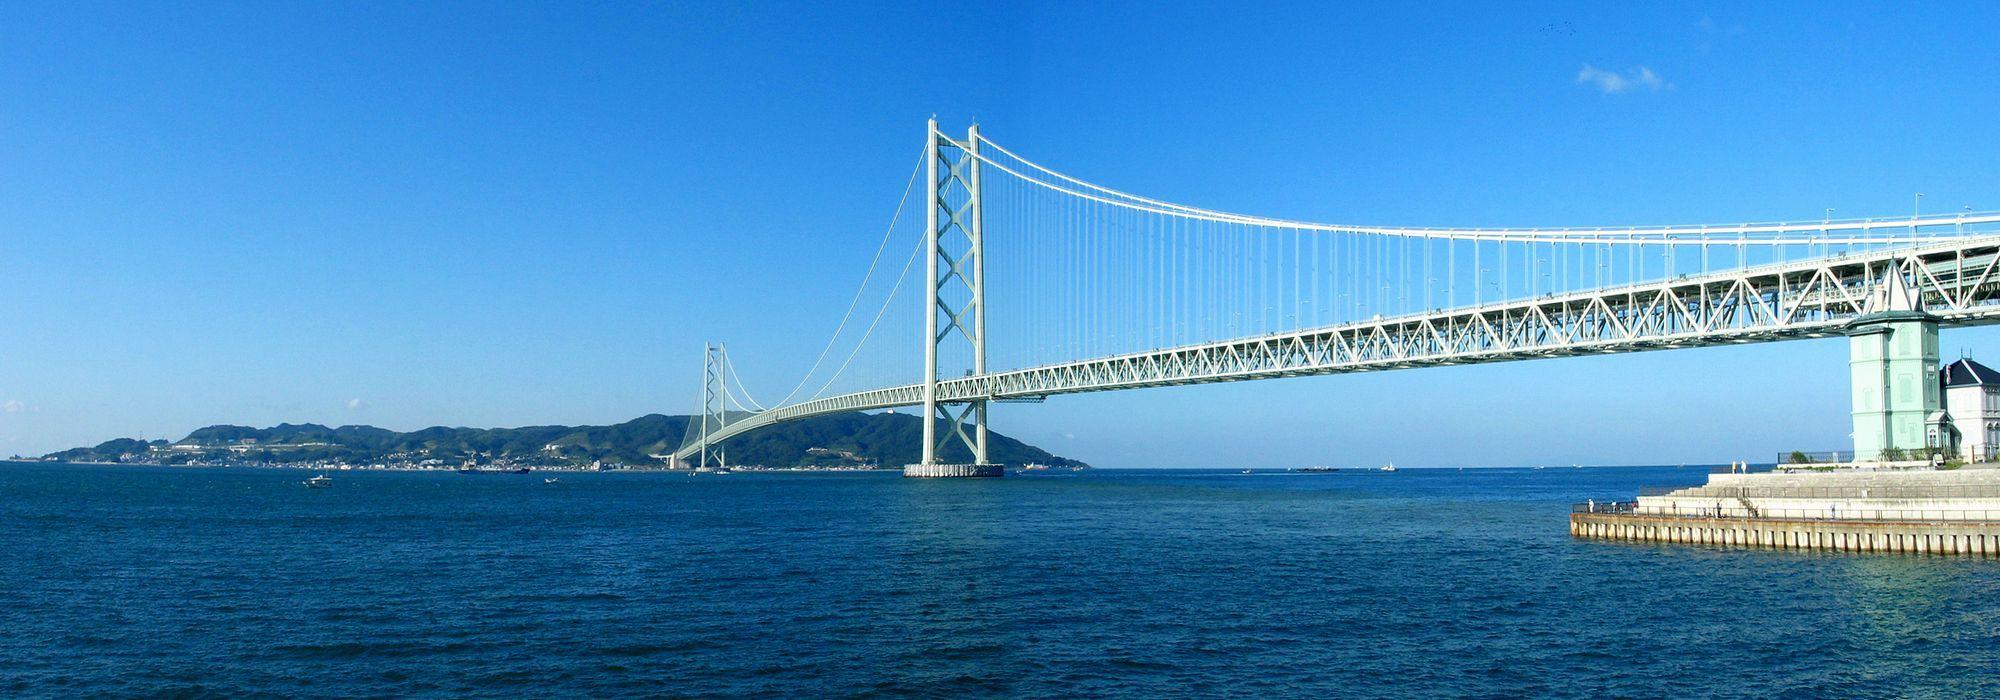 海峡 大橋 明石 明石海峡大橋・瀬戸大橋